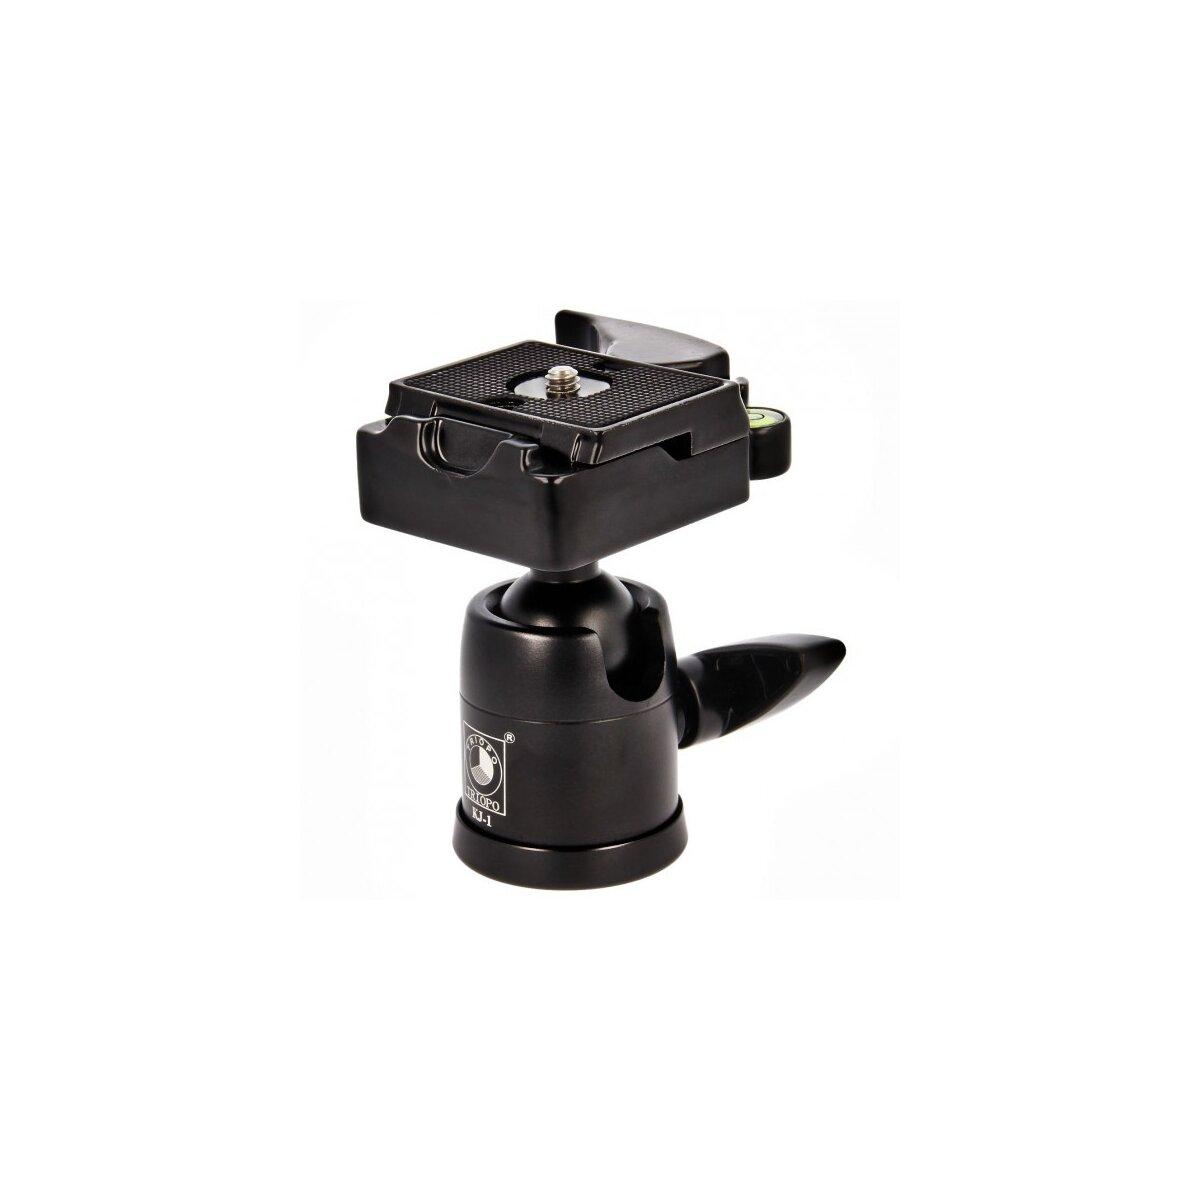 TRIOPO KJ-1 Stativkopf (Belastbarkeit: 6kg, Hoehe: 87mm, Gewicht: 0,3 kg ) mit Wechselplatte & Wasserwaage inkl. Adaptergewinde 1/4 zu 3/8